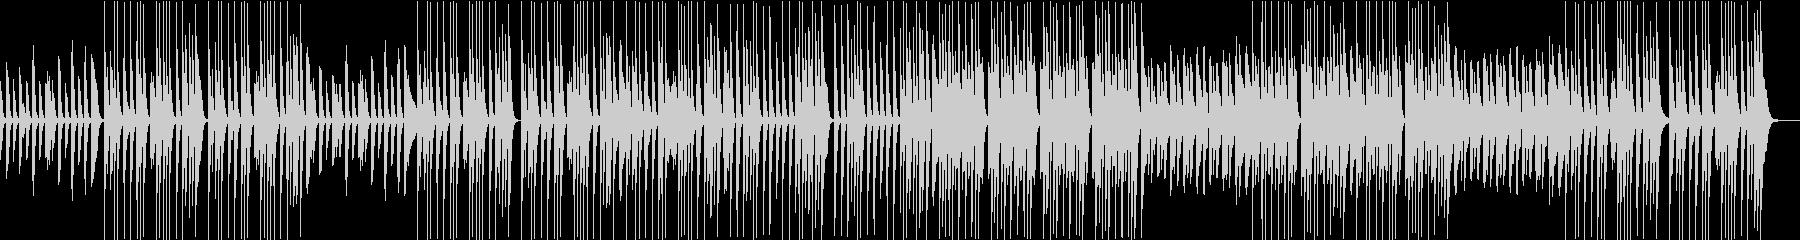 ほんわかしたゆるいピアノとマリンバ主体のの未再生の波形